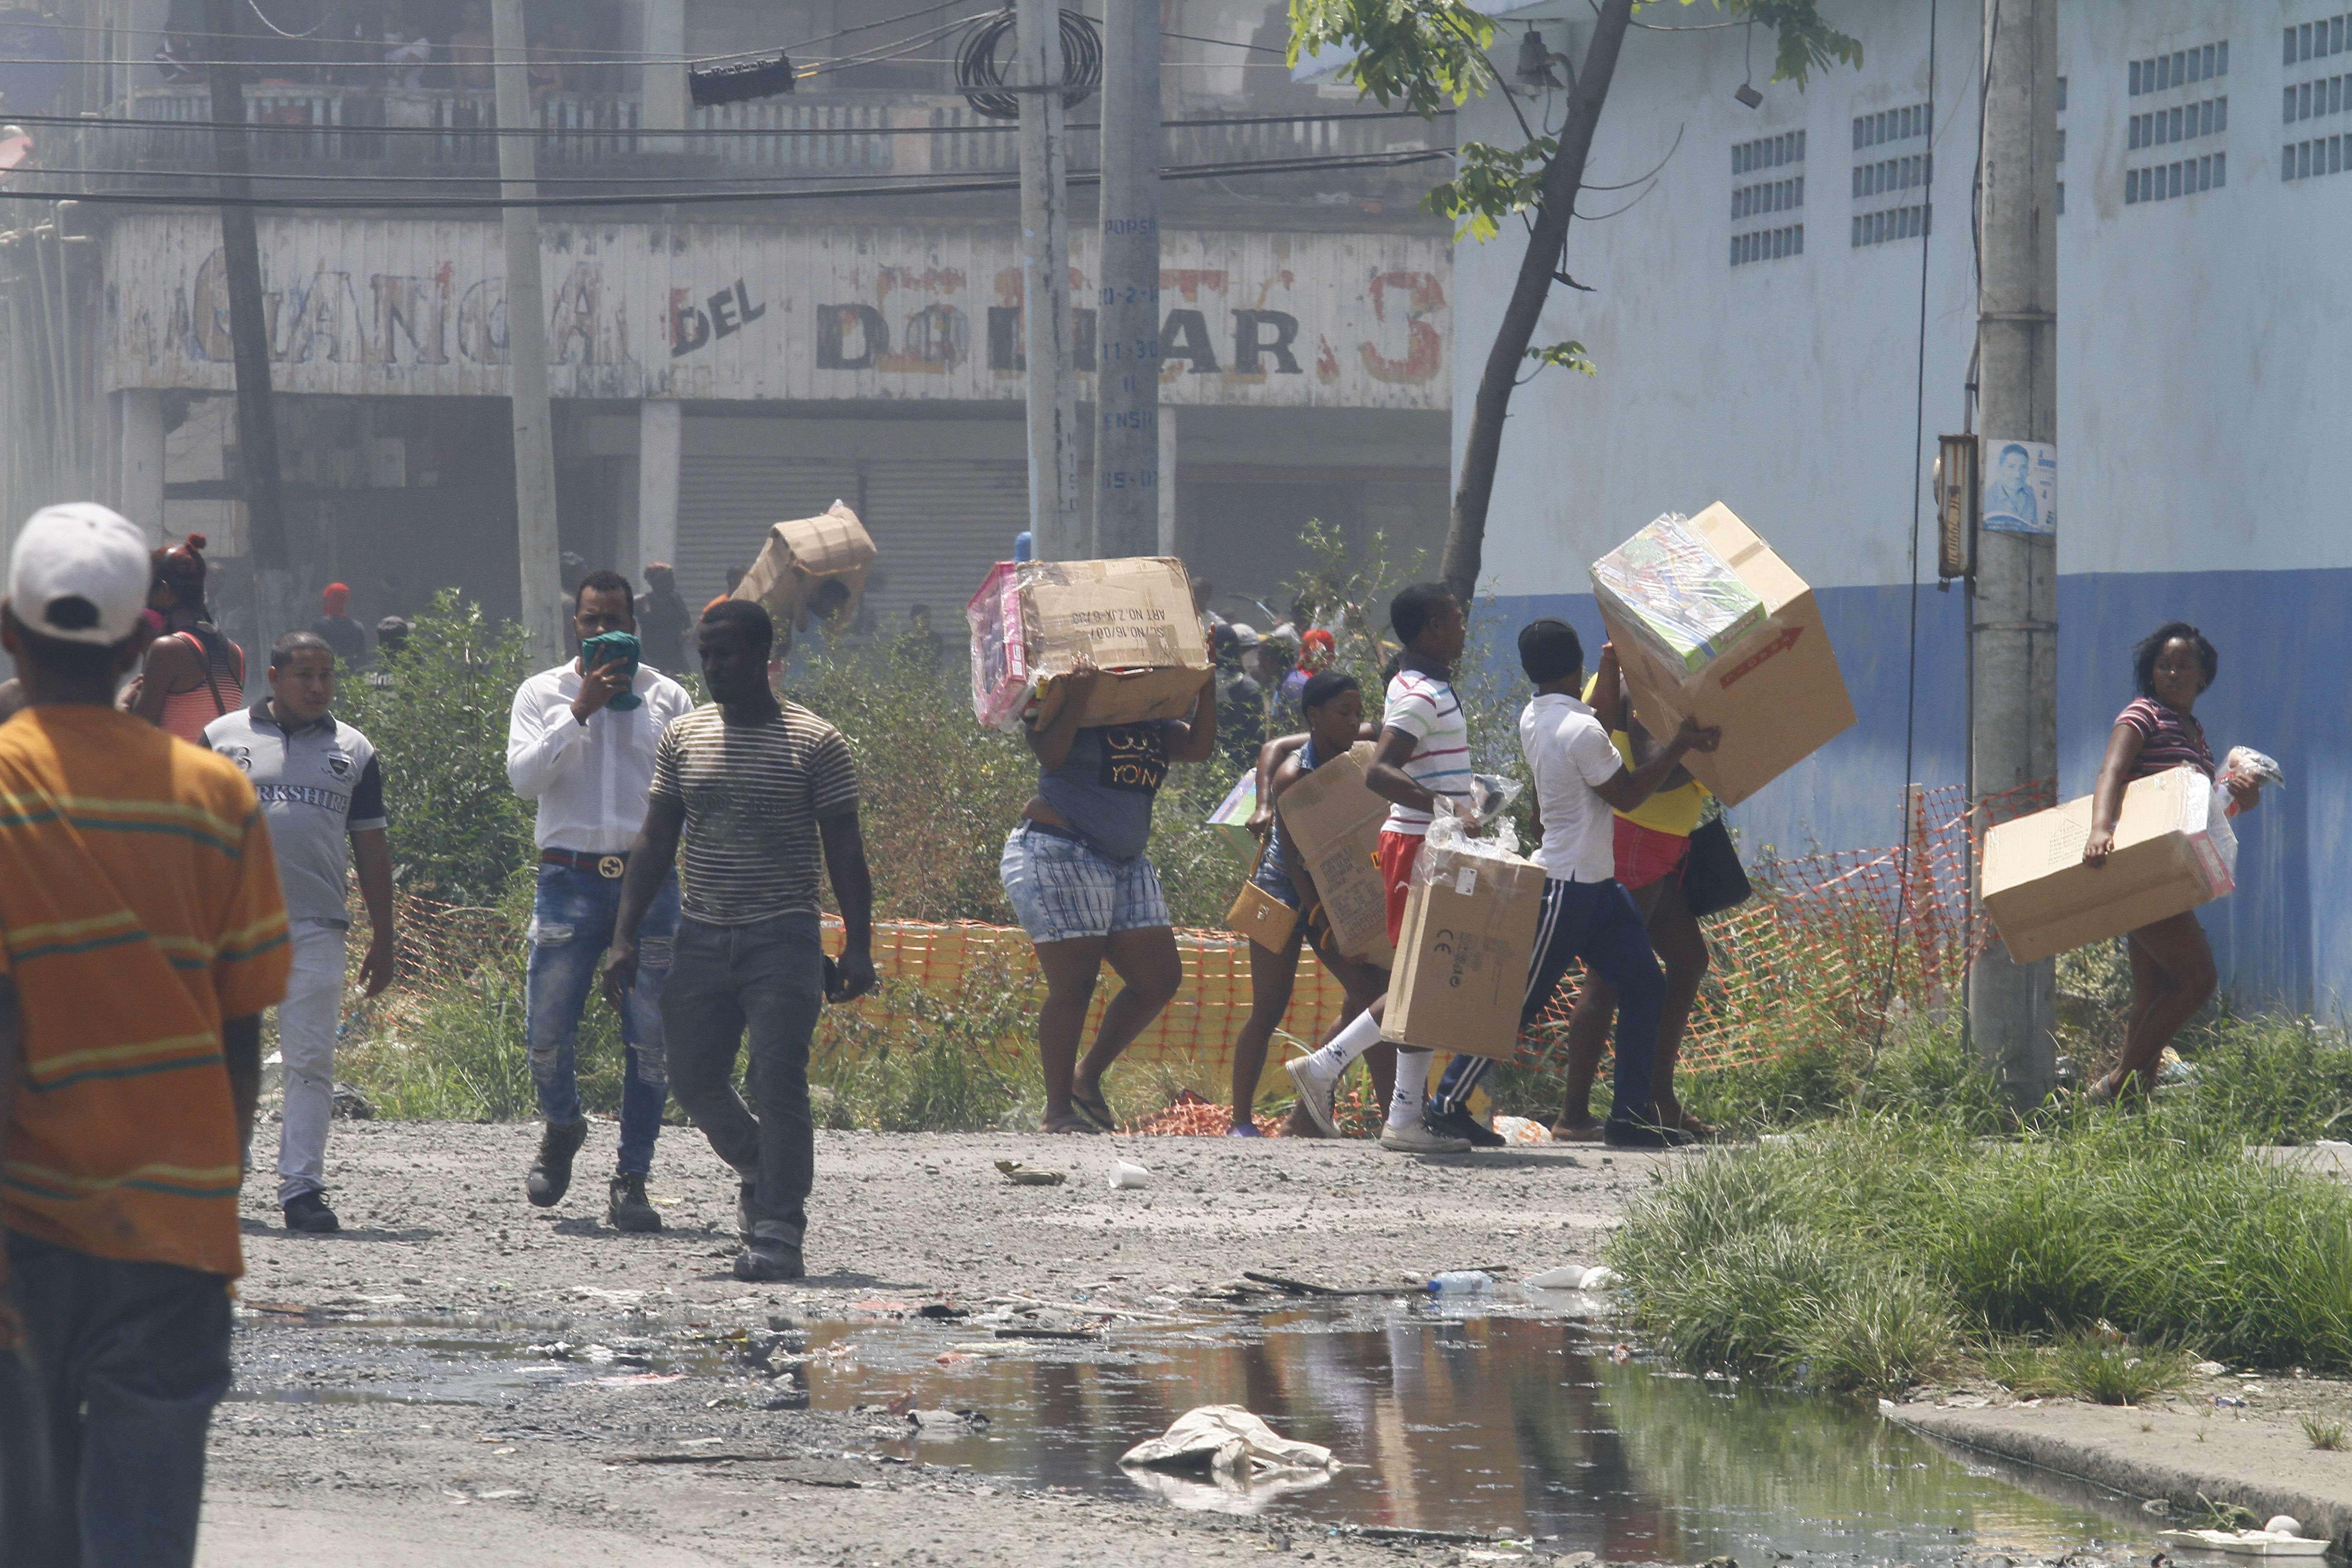 La huelga en Colón provocó pérdidas materiales y heridos. Foto: Edwards Santos